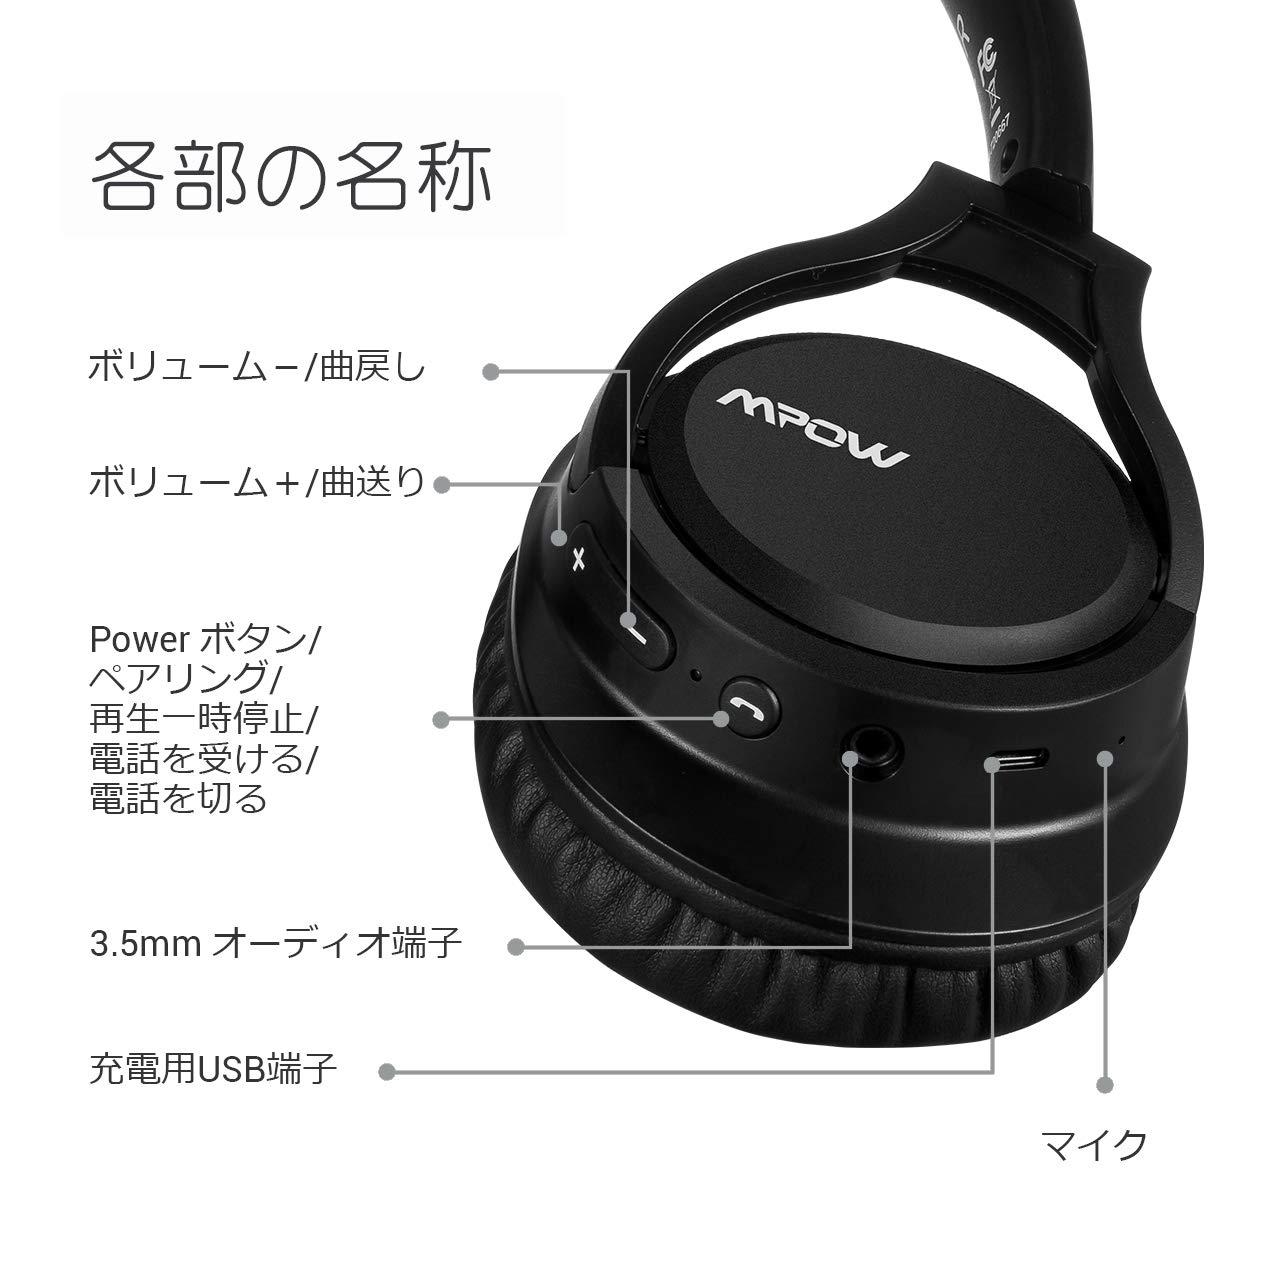 Mpow ヘッドホン H7 bluetooth 4.0 密閉型 15時間再生 ワイヤレス